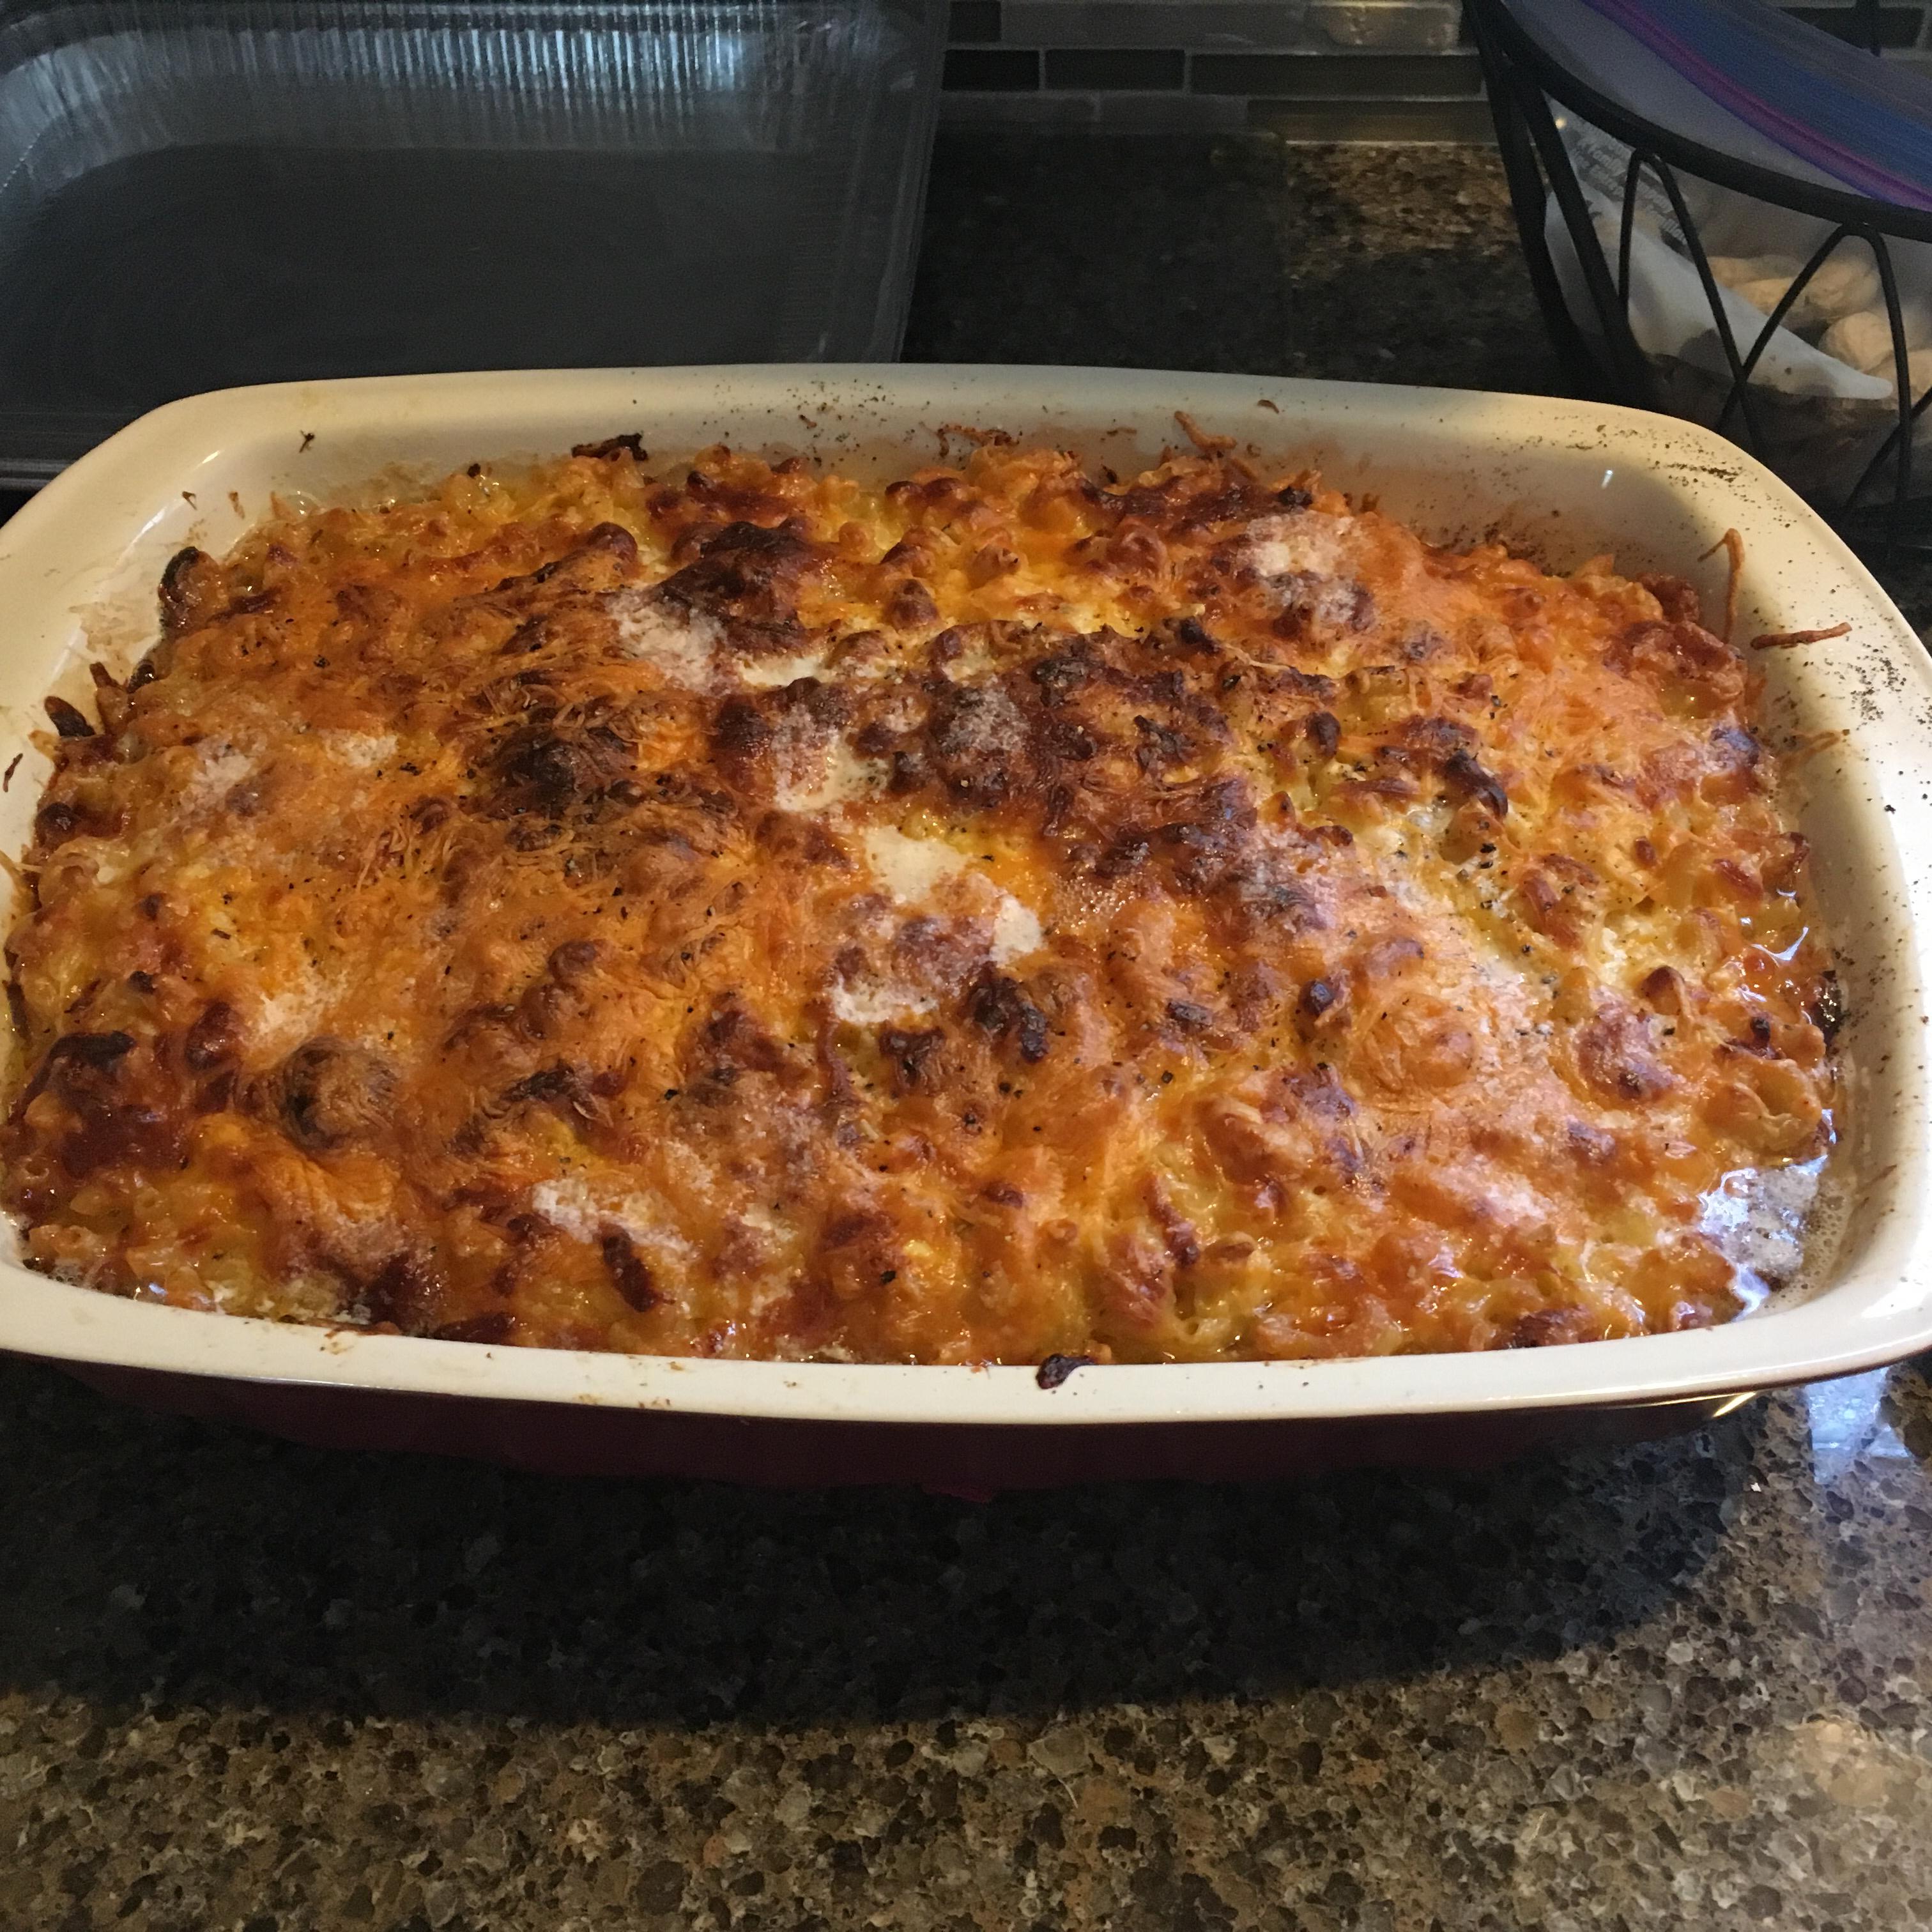 Lisa's Macaroni and Cheese